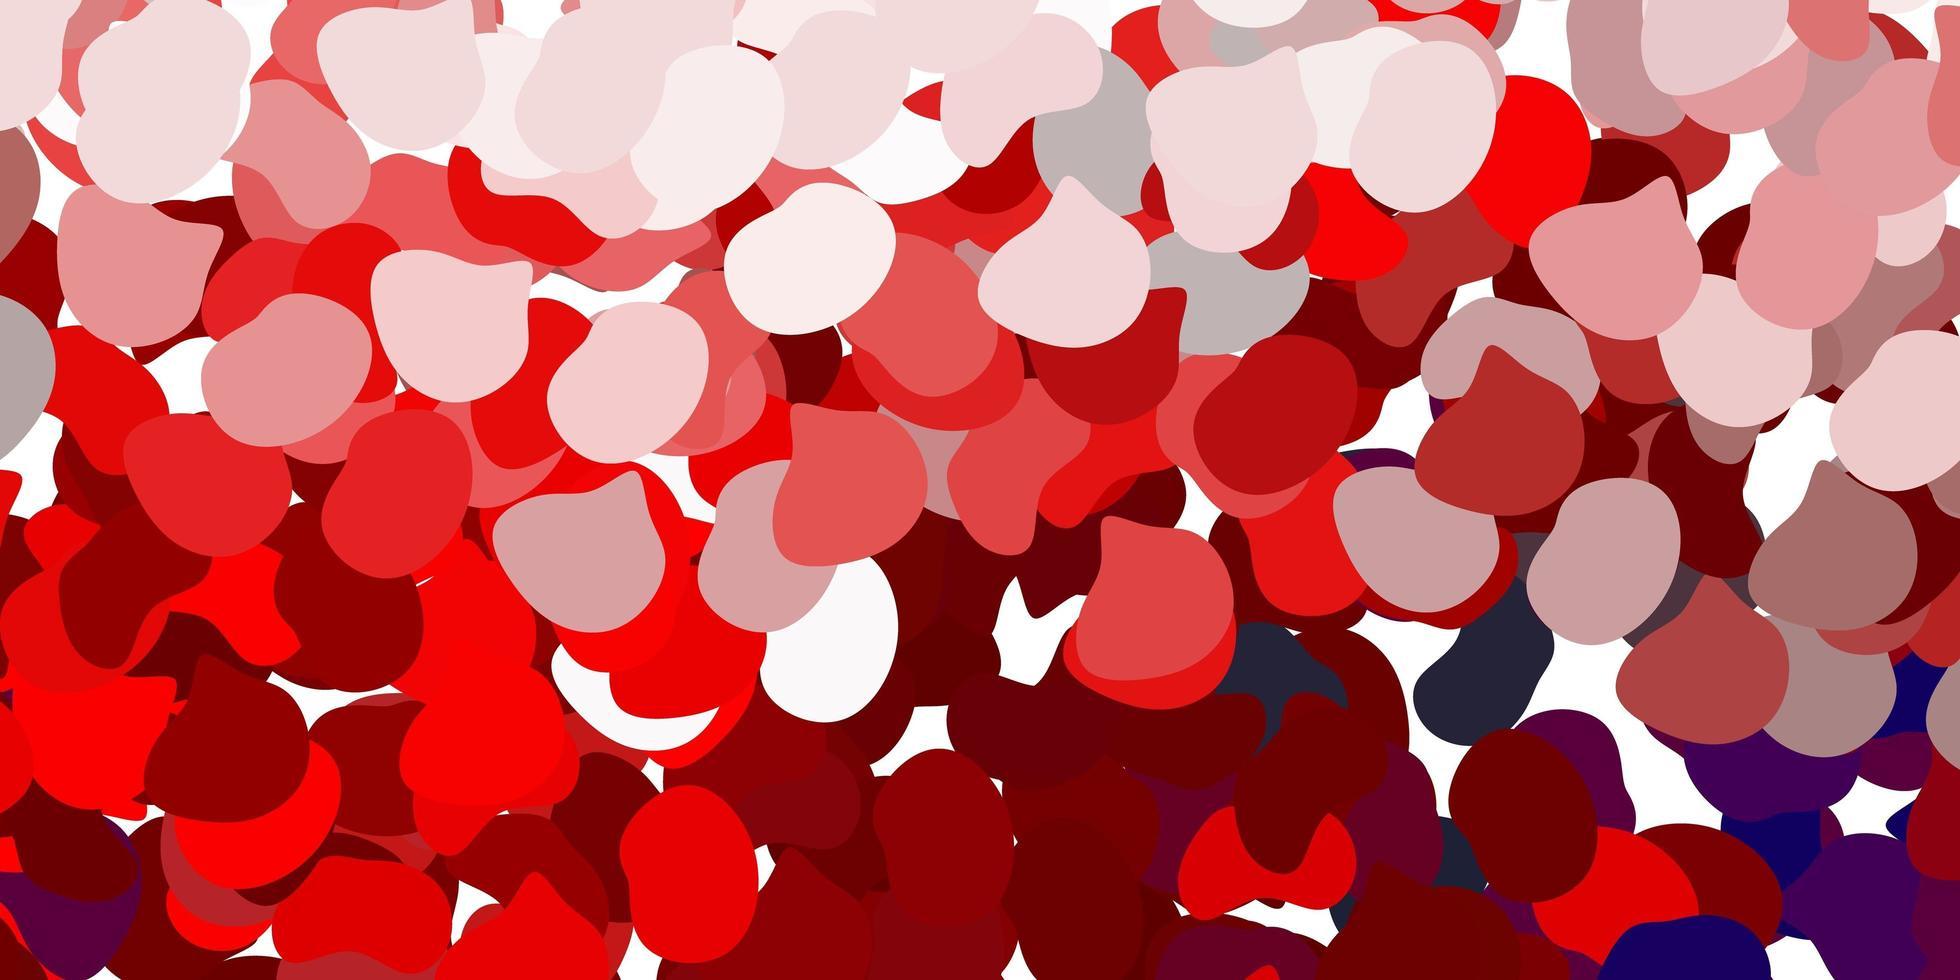 lichtrood patroon met abstracte vormen vector